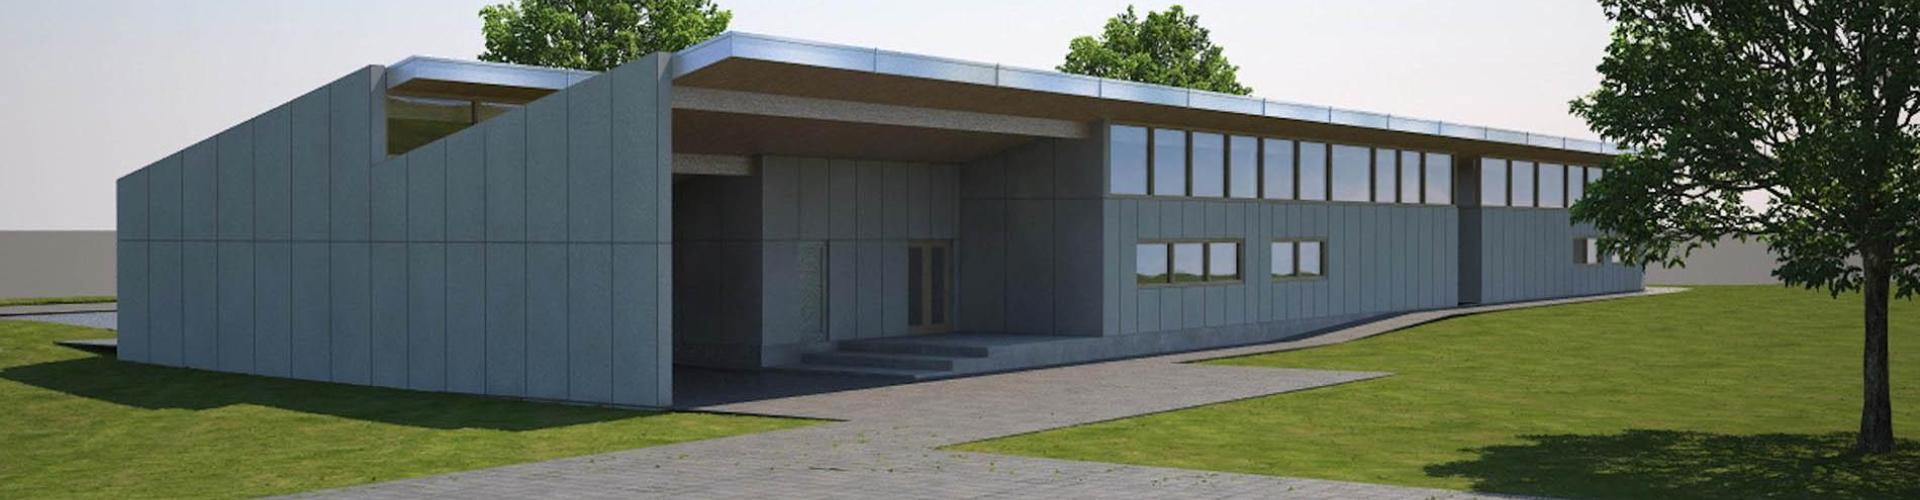 Basisschool De Eekhoorn Wemmel